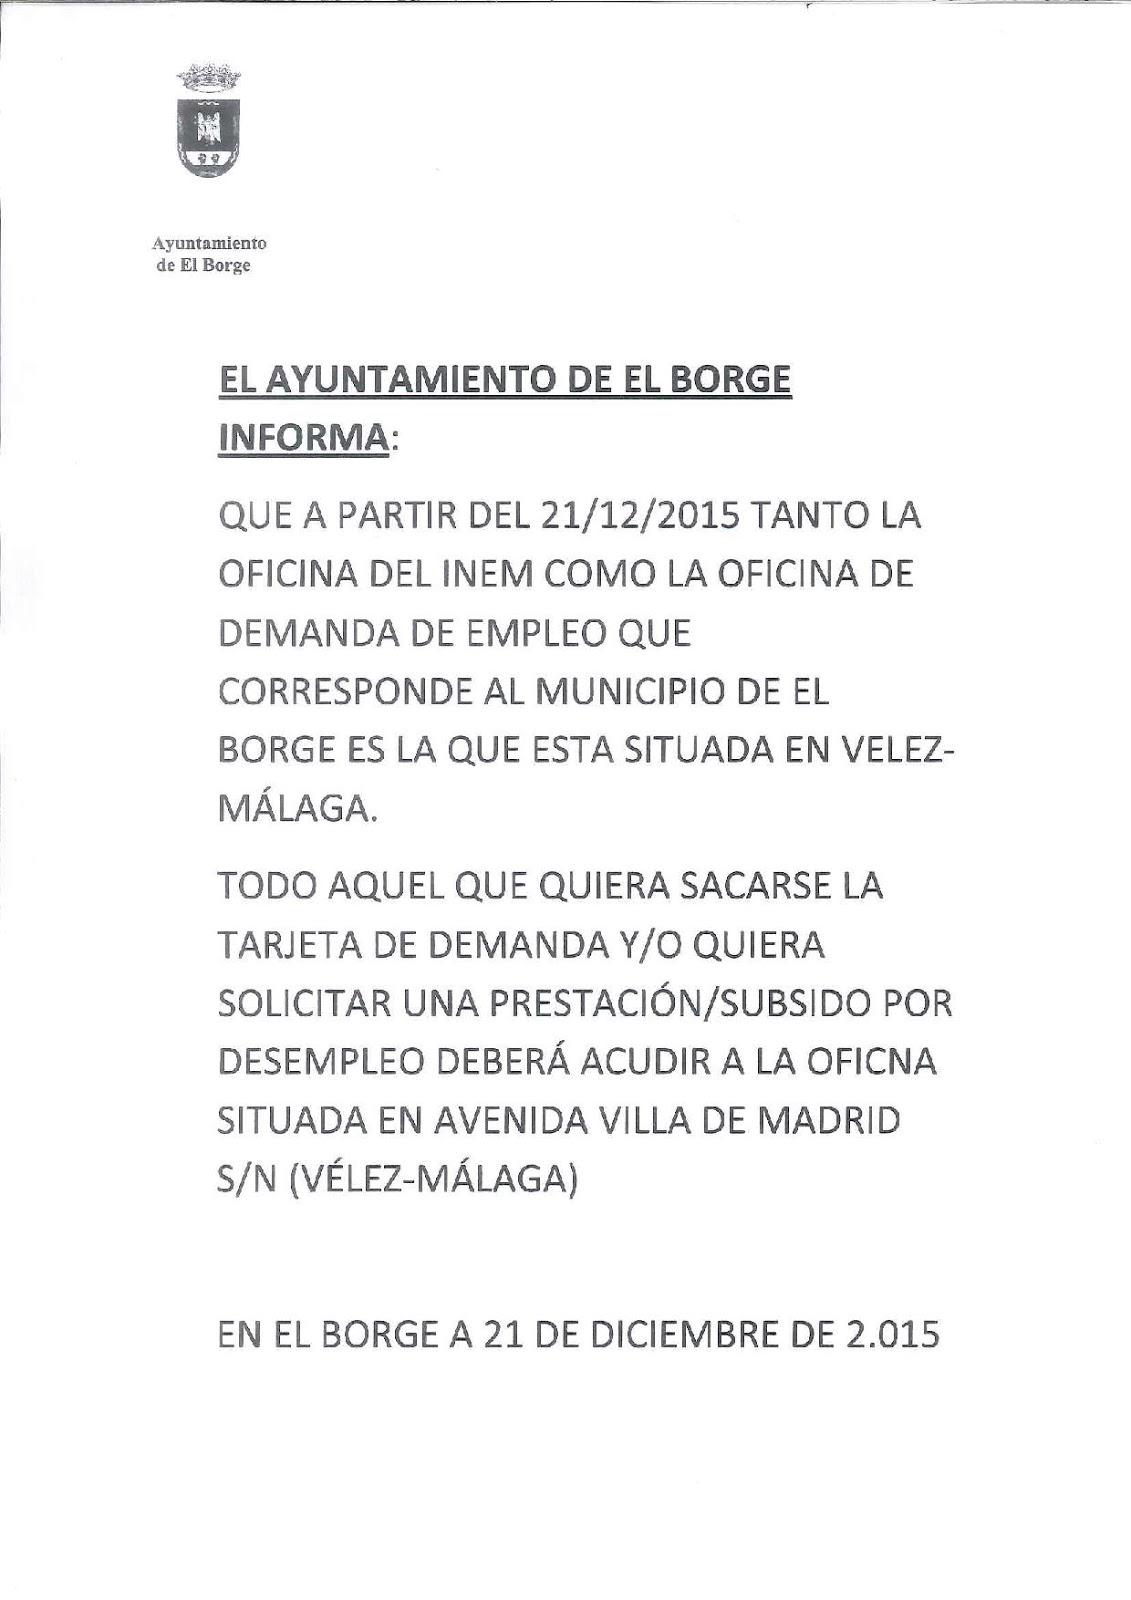 Blog ayuntamiento de el borge diciembre 2015 for Oficina de empleo mas cercana